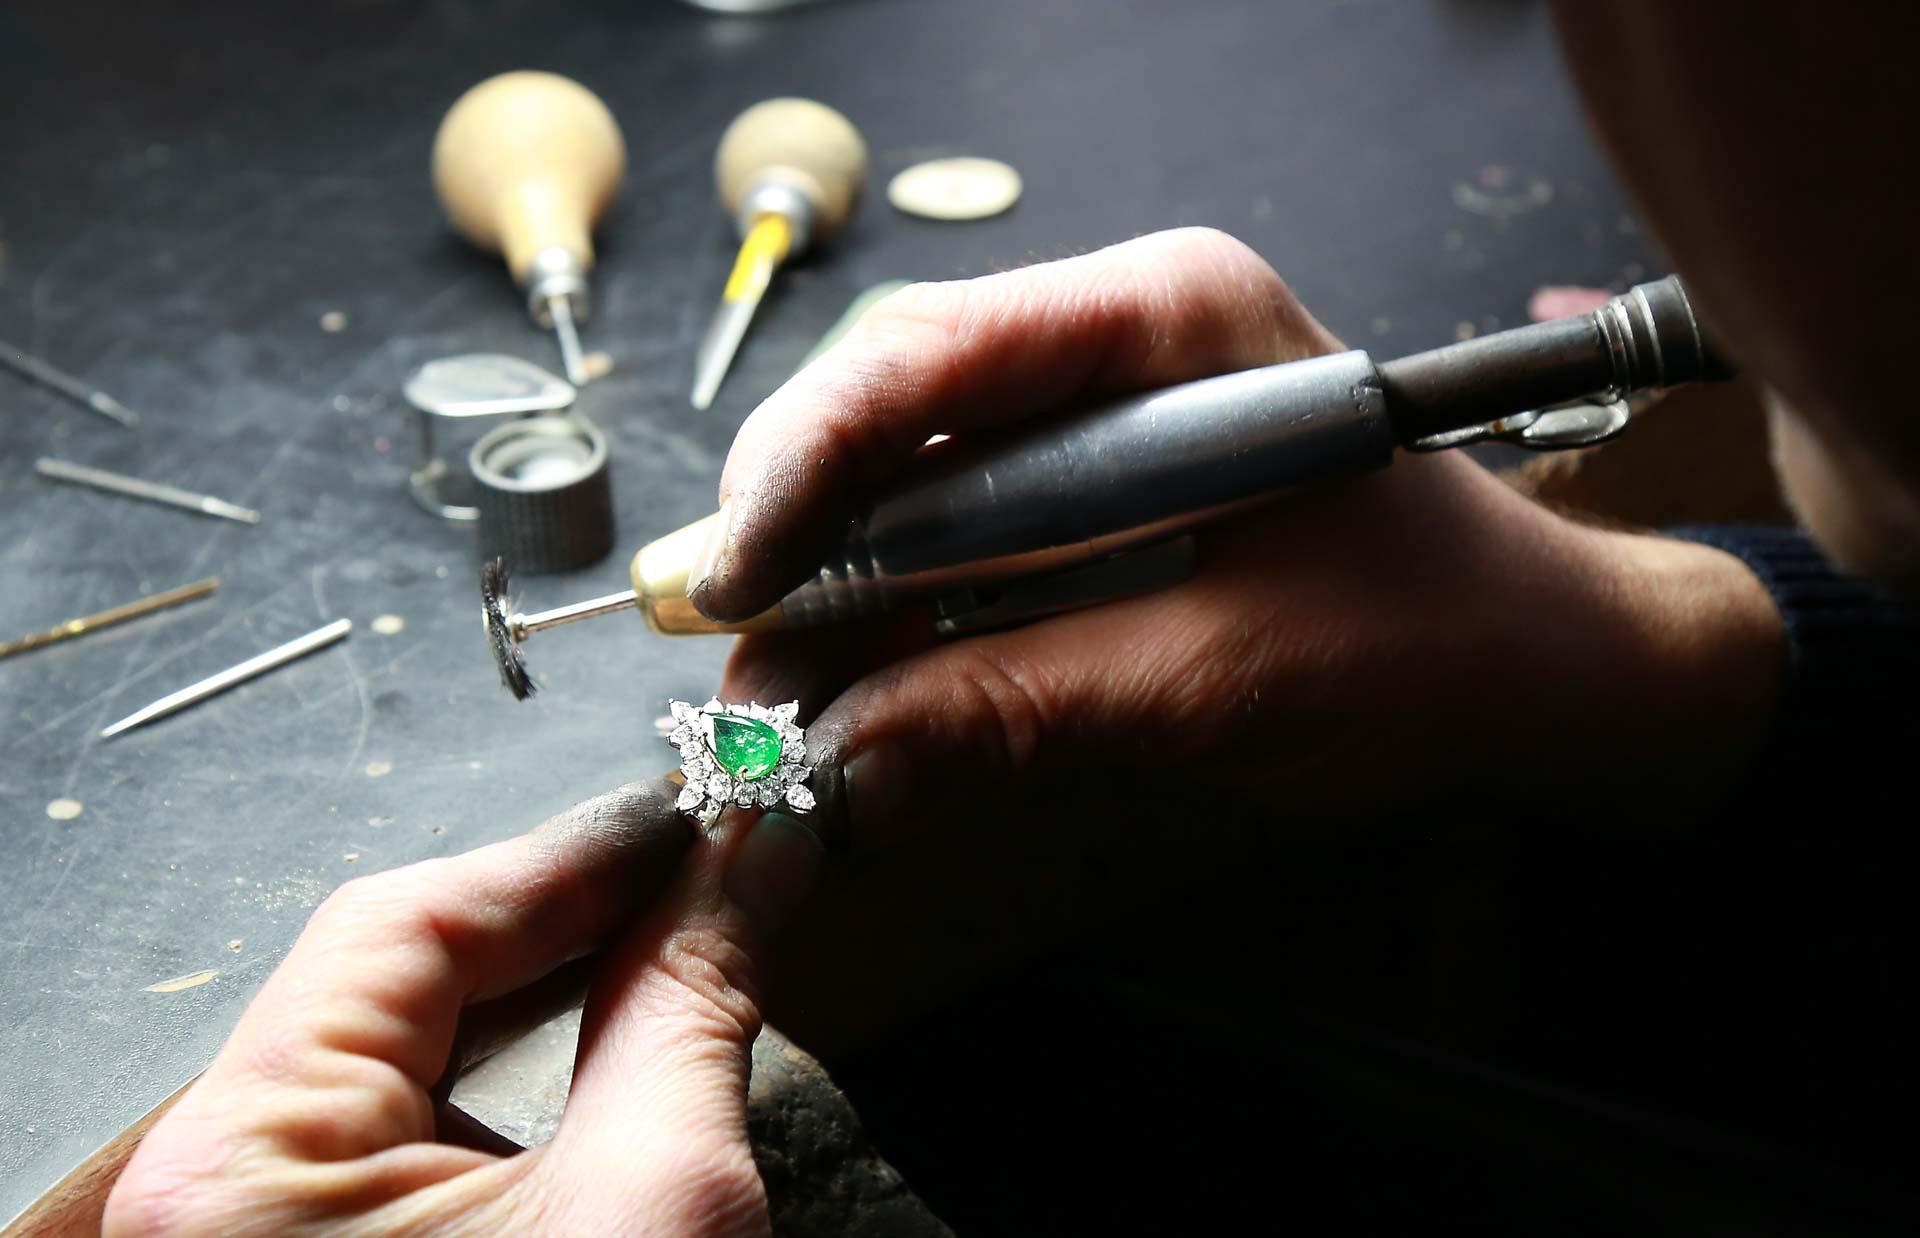 aldo-teso-gioielleria-genova-gioielli-personalizzati-5